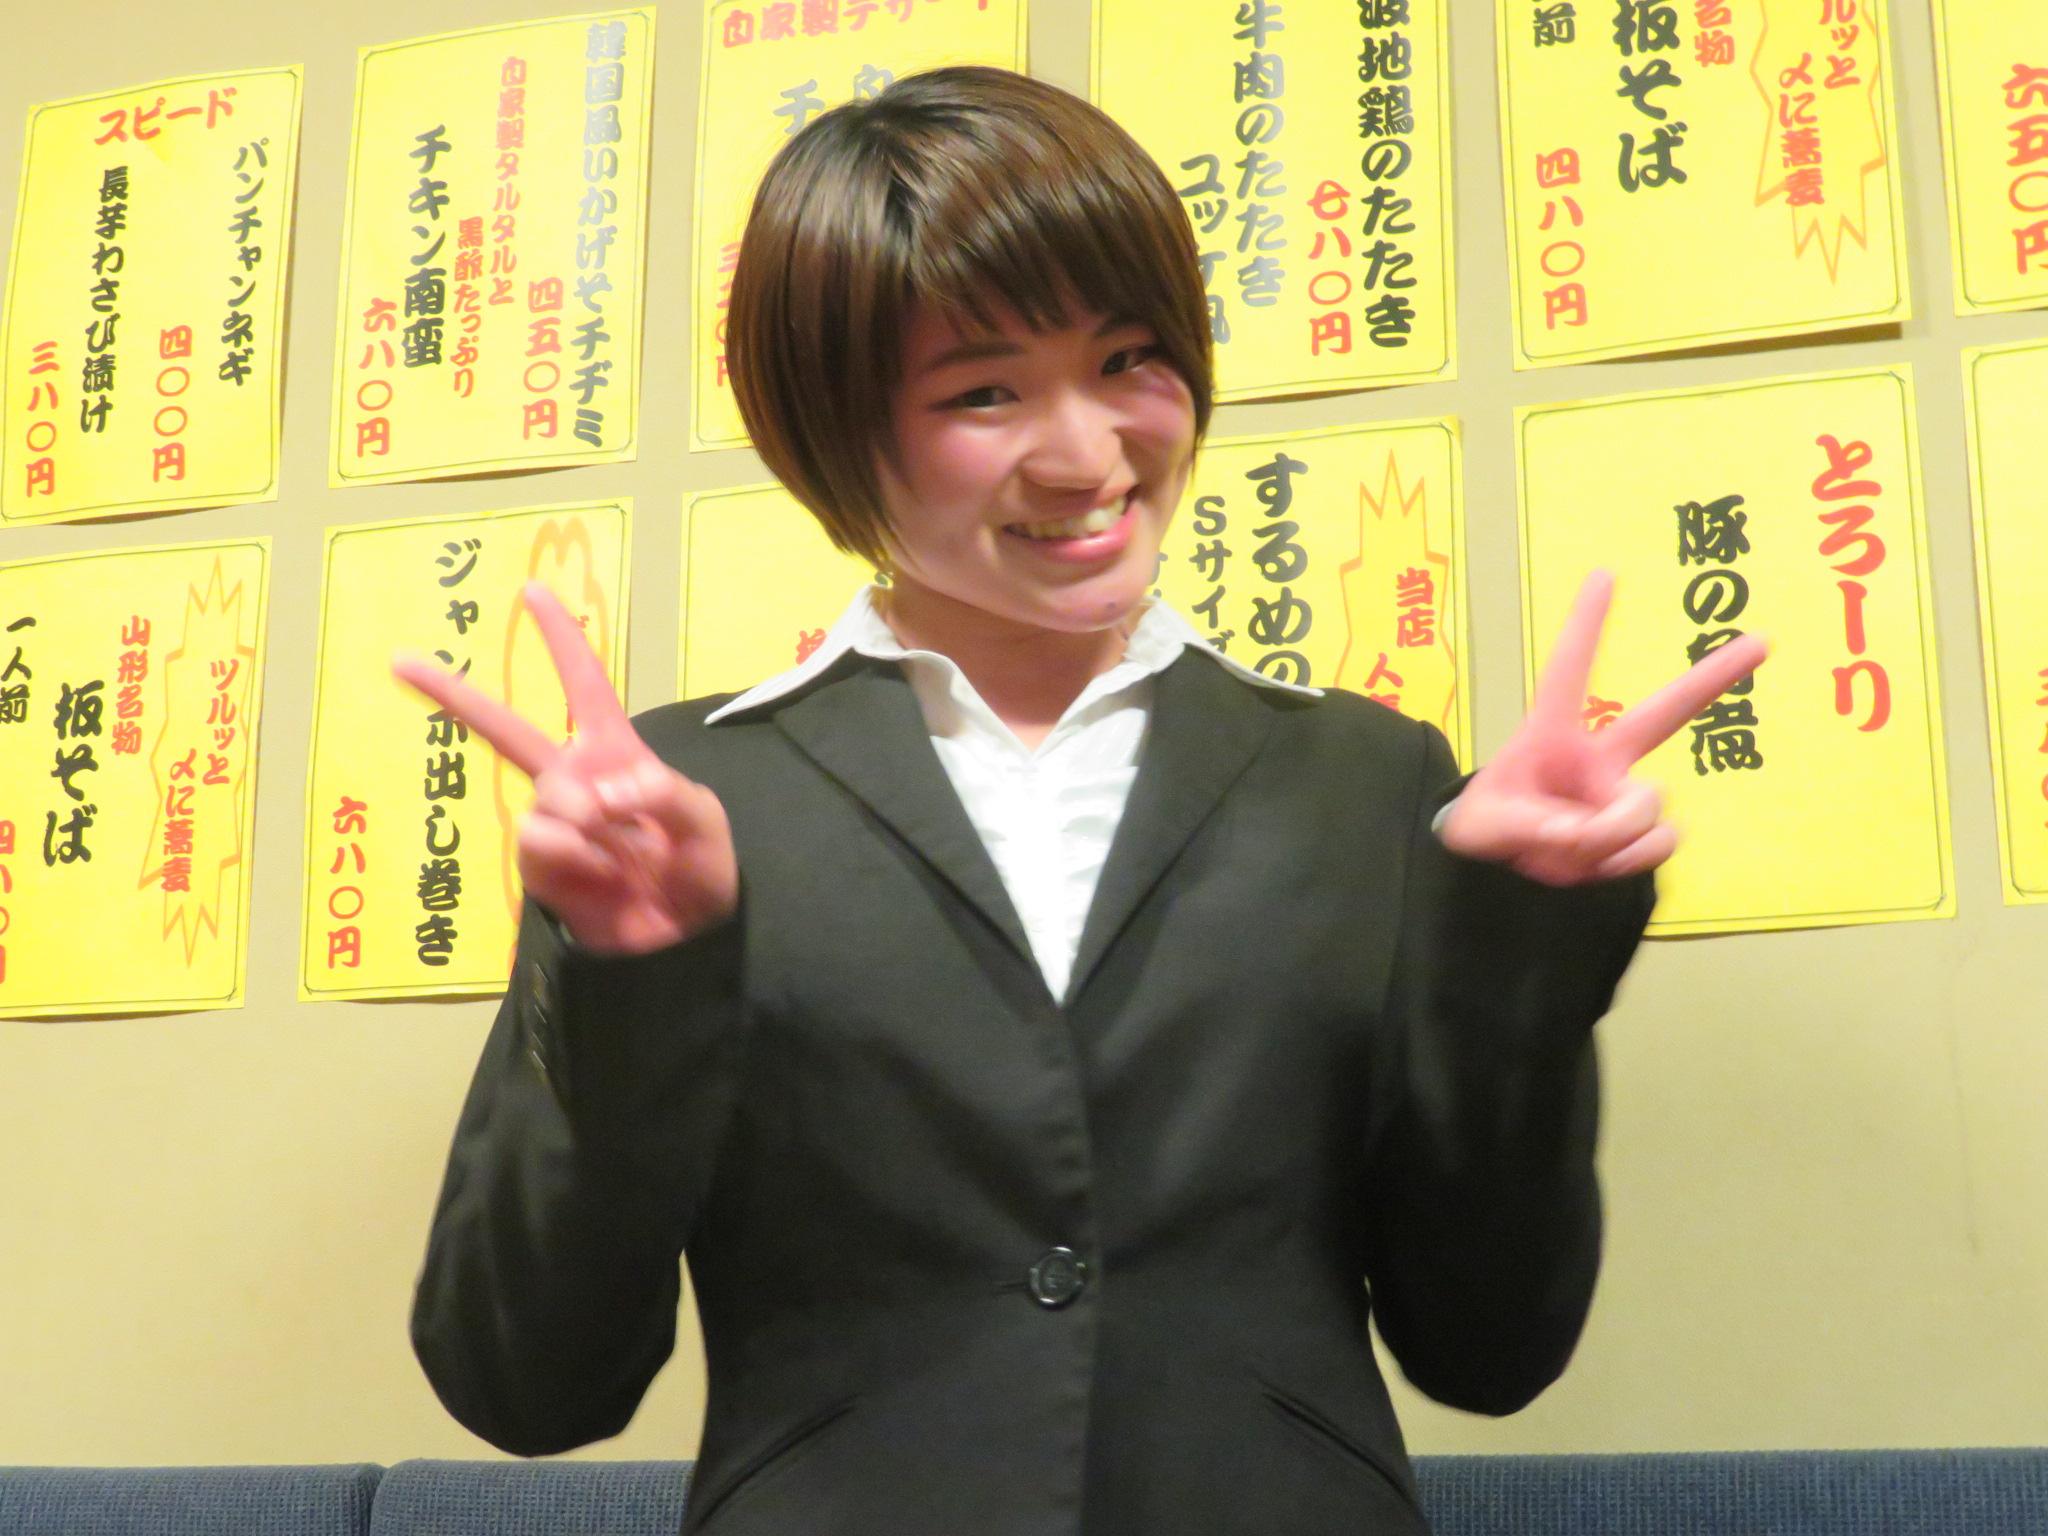 浦戸さん(本日のベストショット)